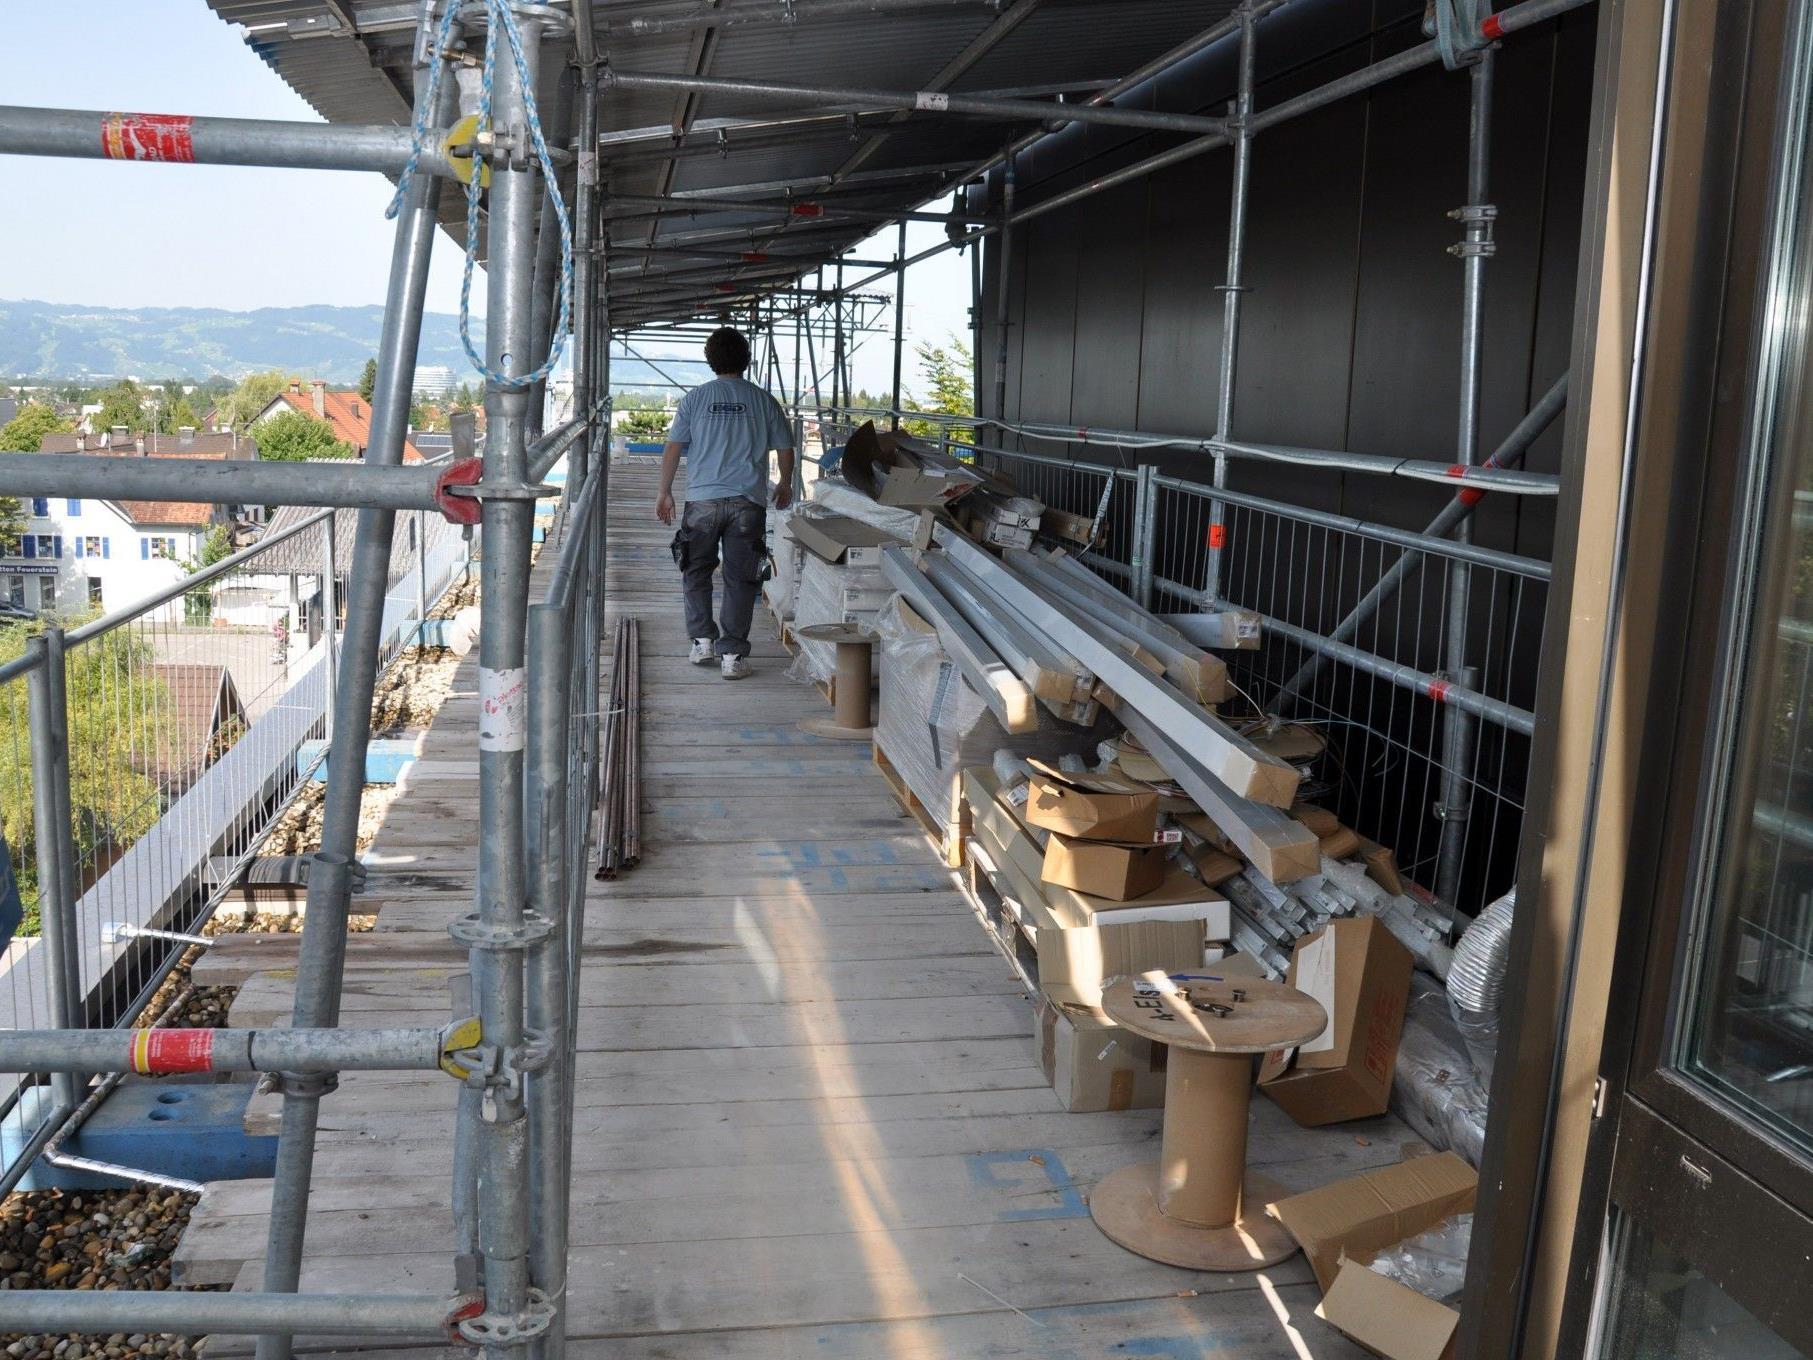 Die Bauarbeiten werden bei laufendem Betrieb über einen äußeren Zugang durchgeführt.